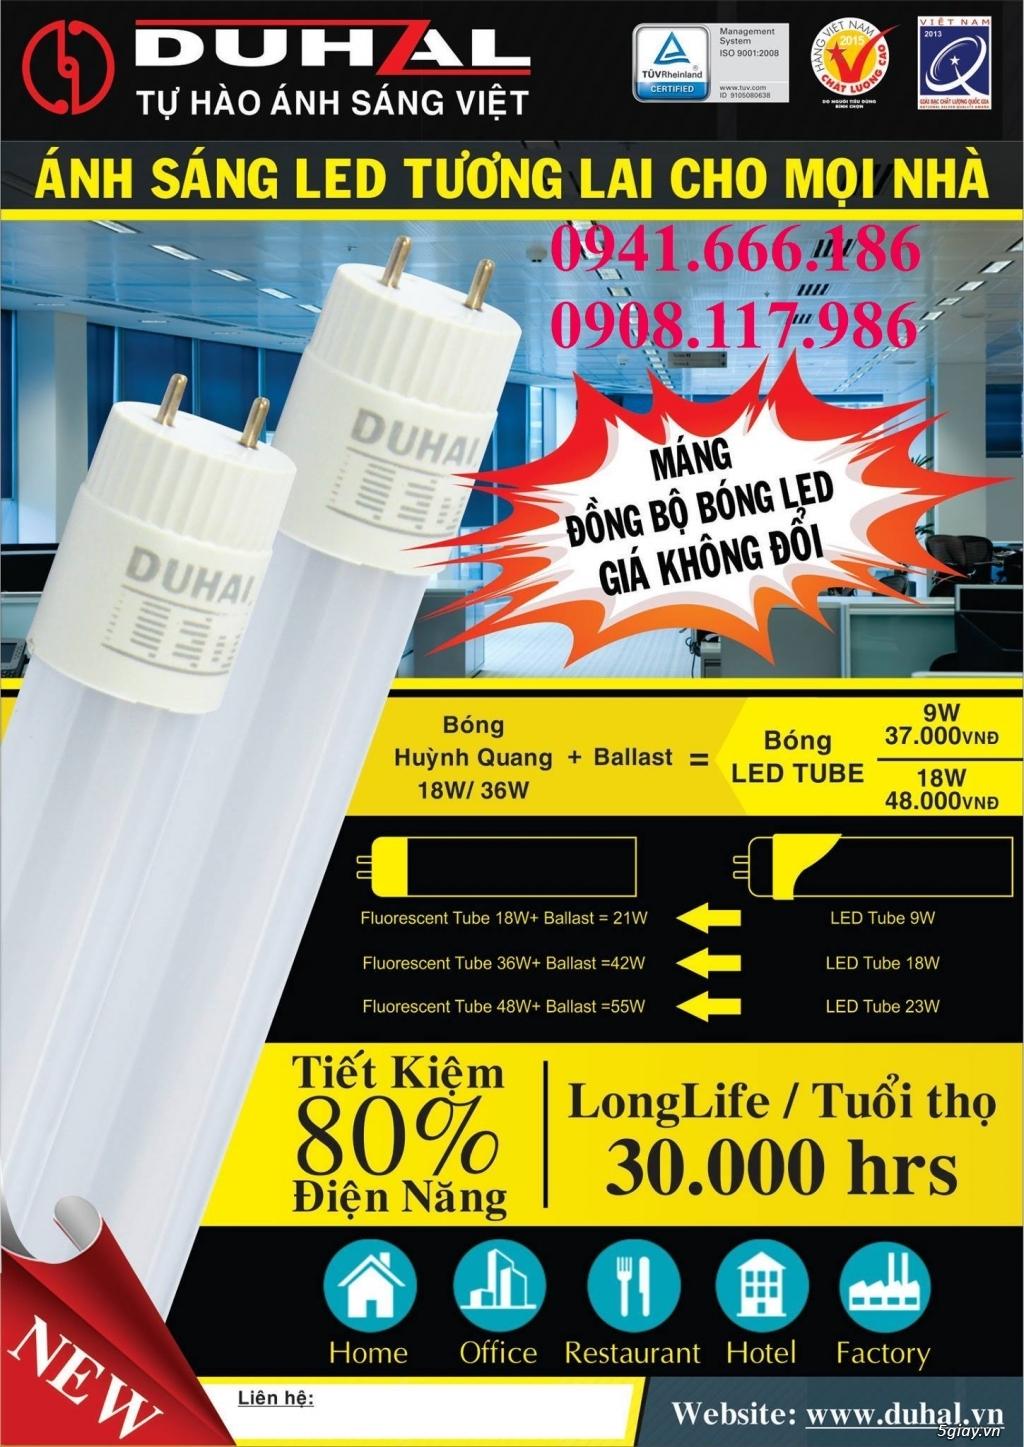 Bộ đèn led 1.2m Duhal (bao gồm bóng led và máng nhôm) - 2